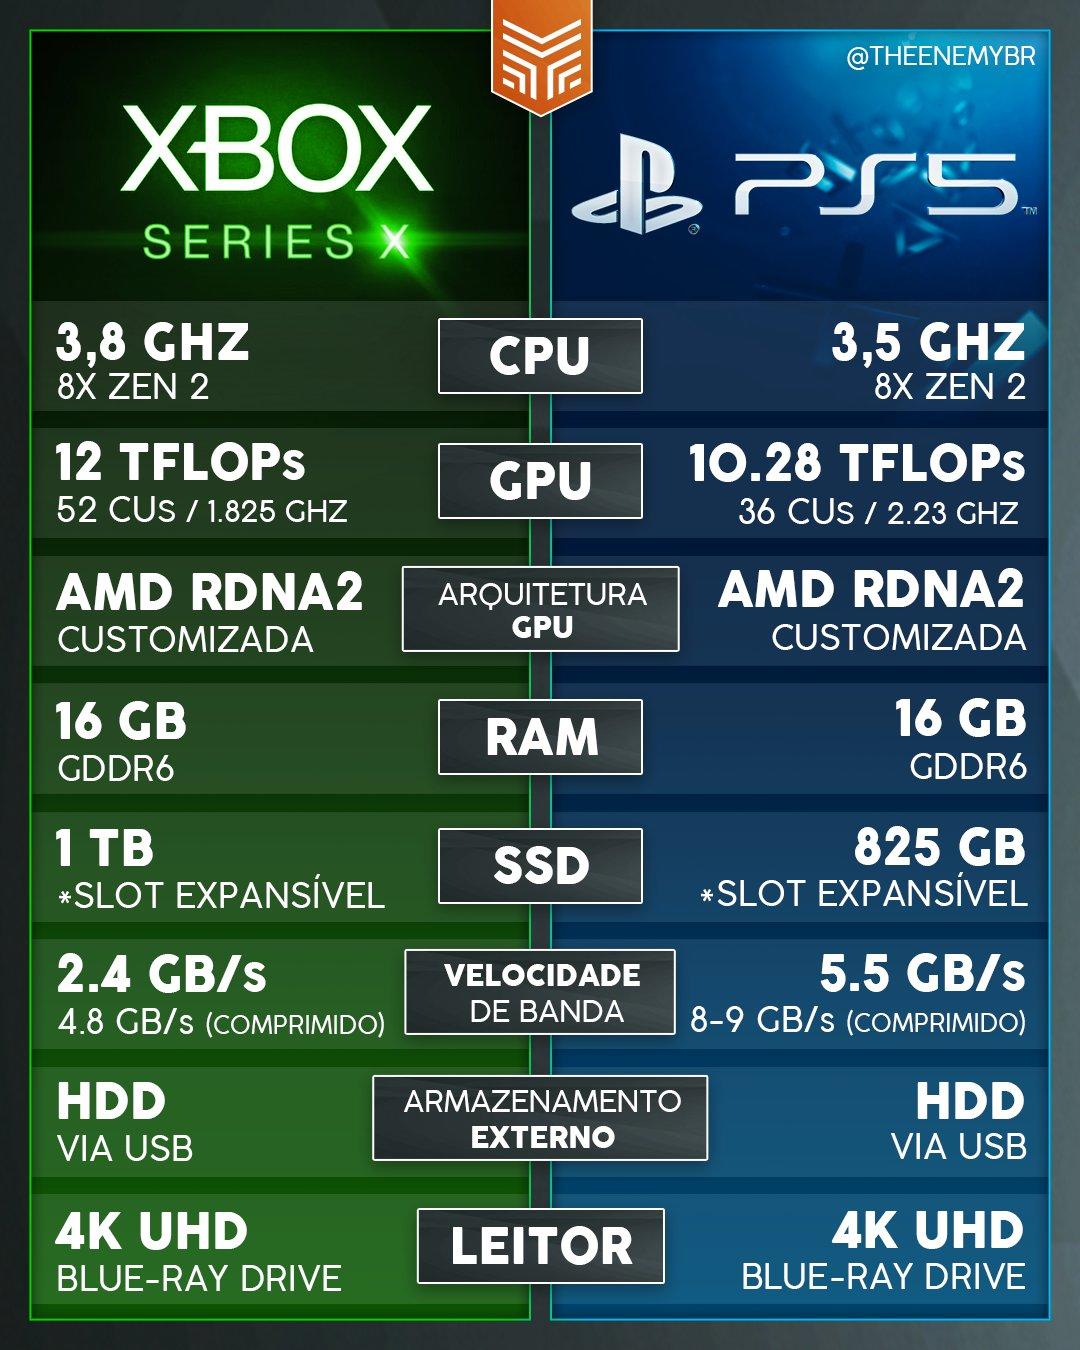 Xbox Series X Vs. PS5 - Comparação de Specs